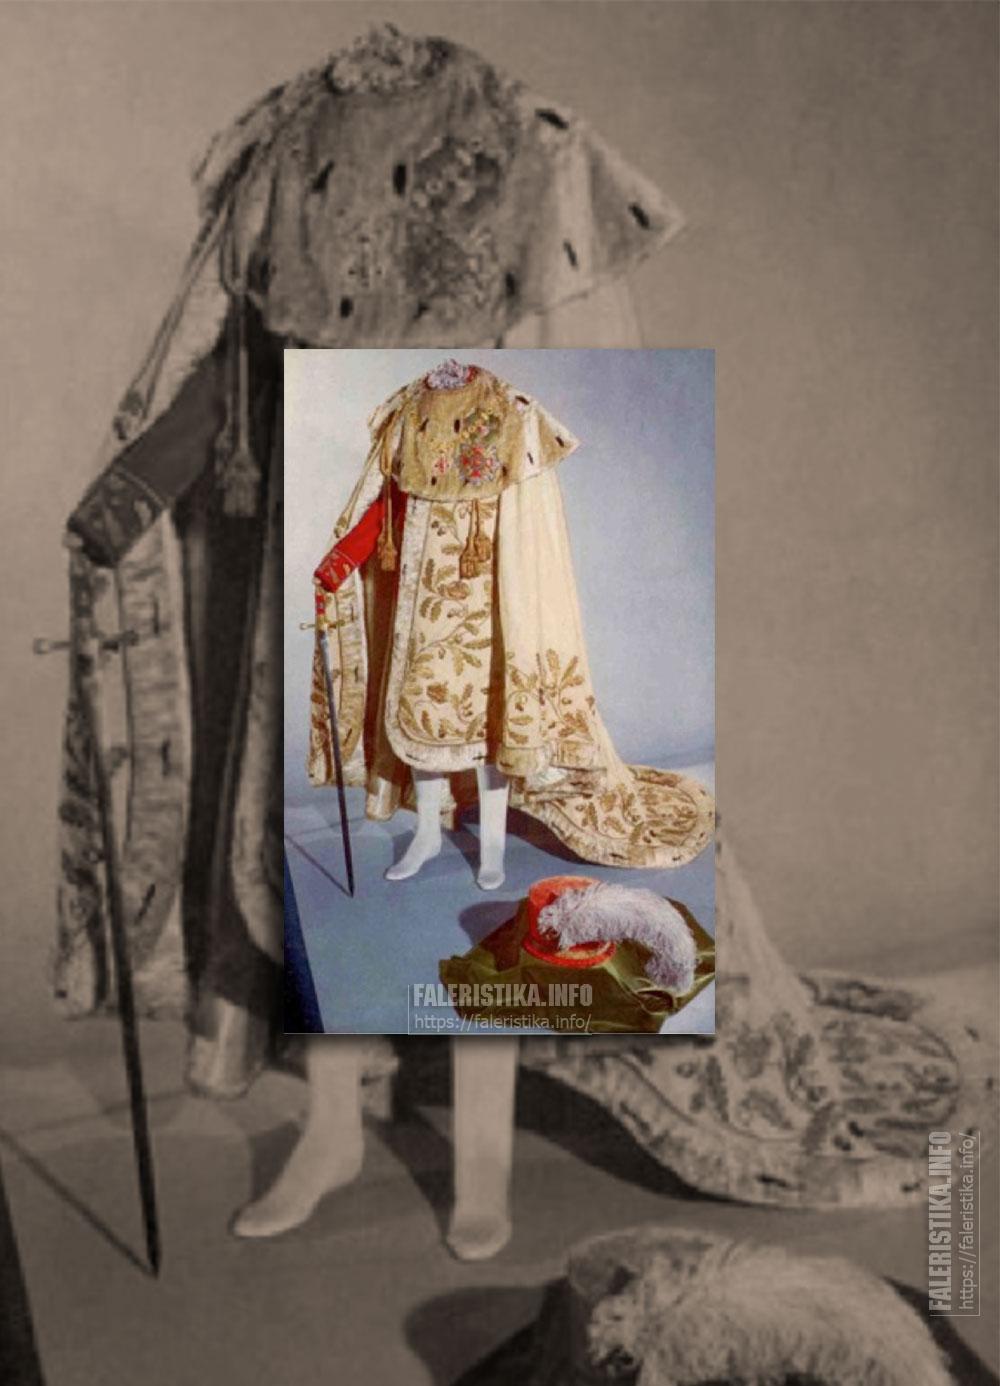 Орден Леопольда. Церемониальные одежды. Цепь. Знак. Также на мантии представлена мантийная звезда Ордена Марии Терезии